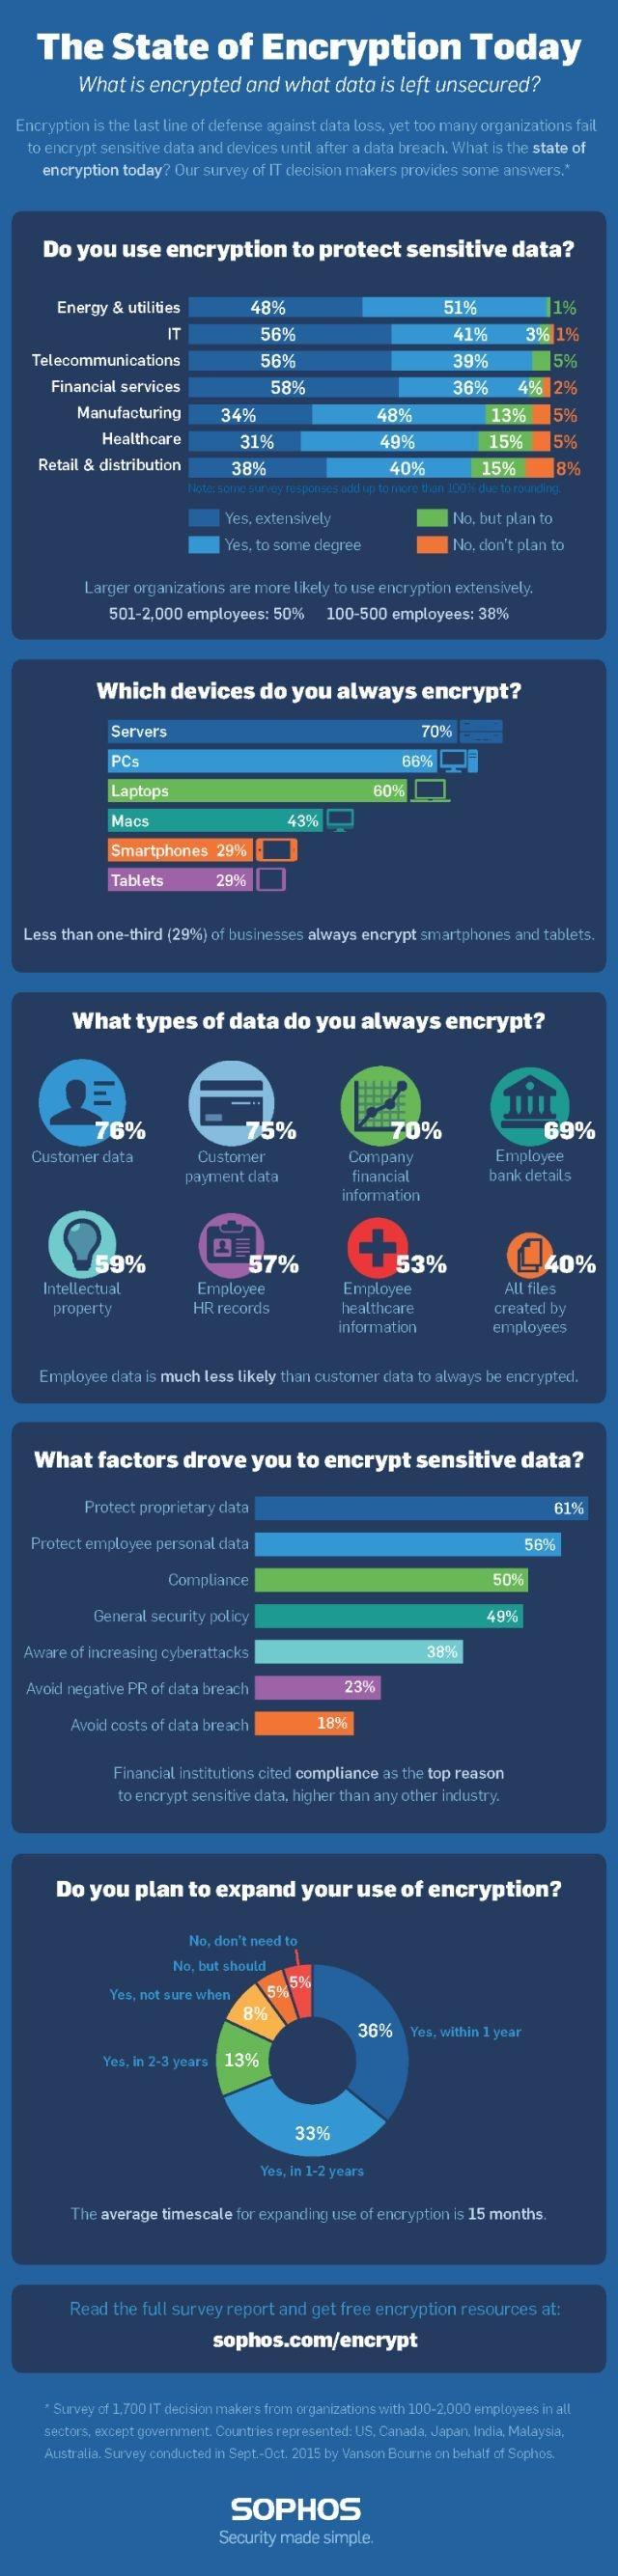 Infografika firmy Sophos dotycząca szyfrowania danych w firmach (na podstawie raportu The State of Encryption Today)